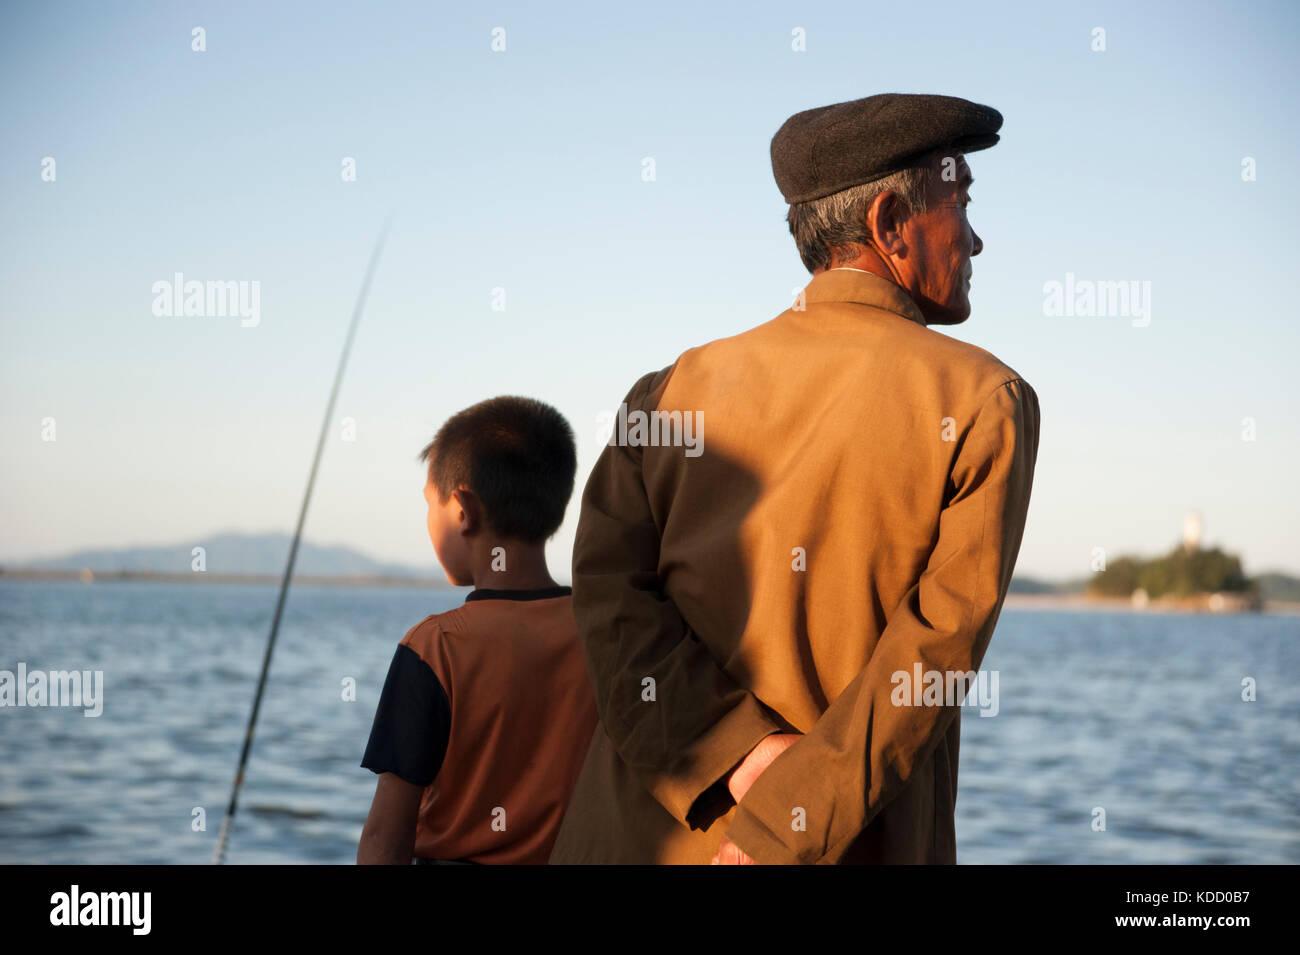 Les enfants sont toujours au rendez-vous lorsque les pêcheurs viennent en fin d'après midi le long du port de Wonsan. Stock Photo